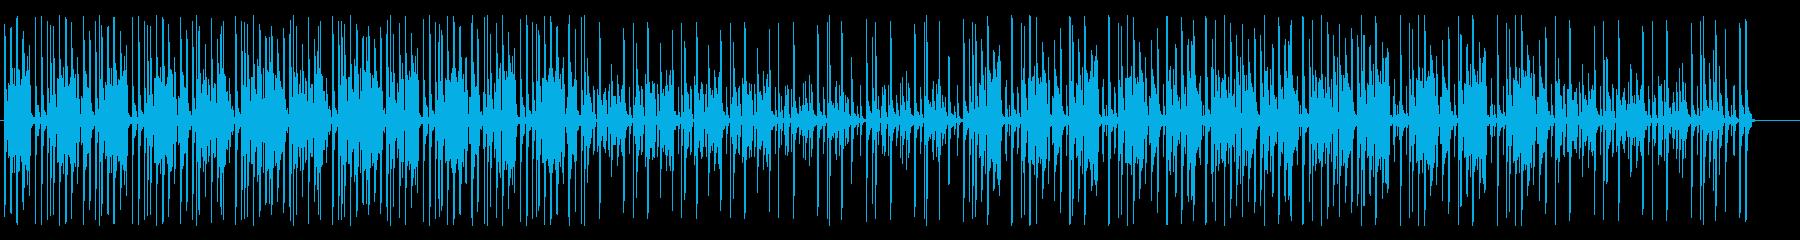 ムーディーでレゲエのインストゥルメ...の再生済みの波形